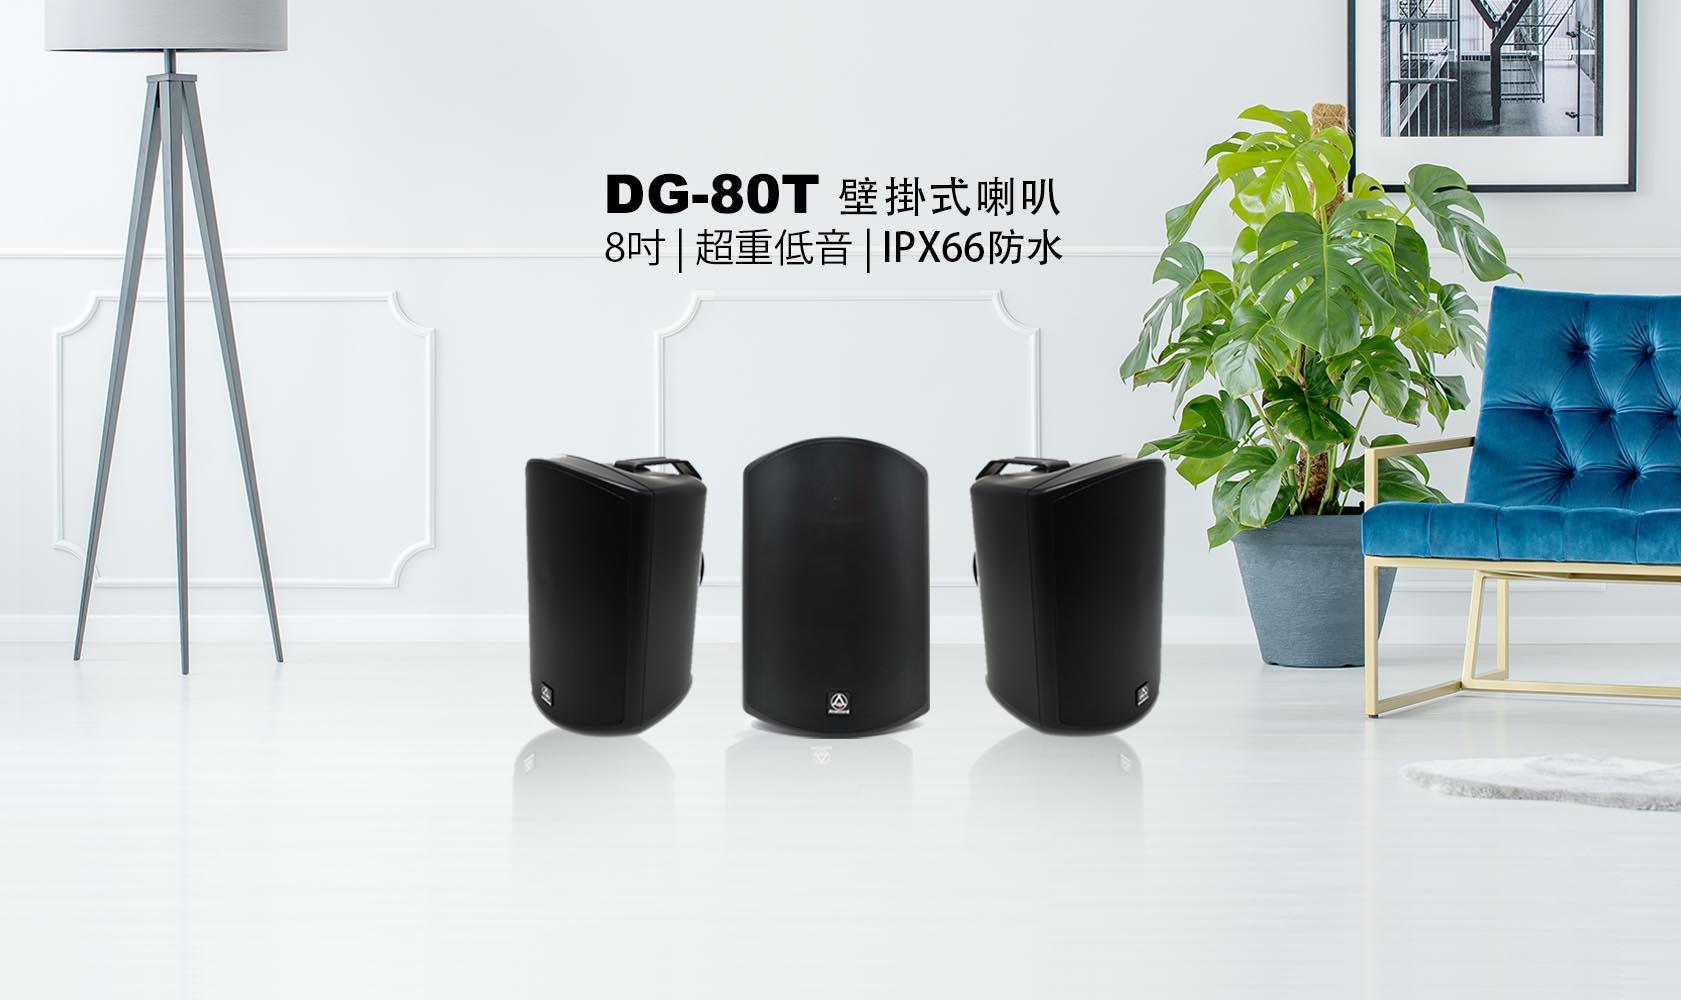 DG-80T-壁掛式喇叭-被動式重低音喇叭